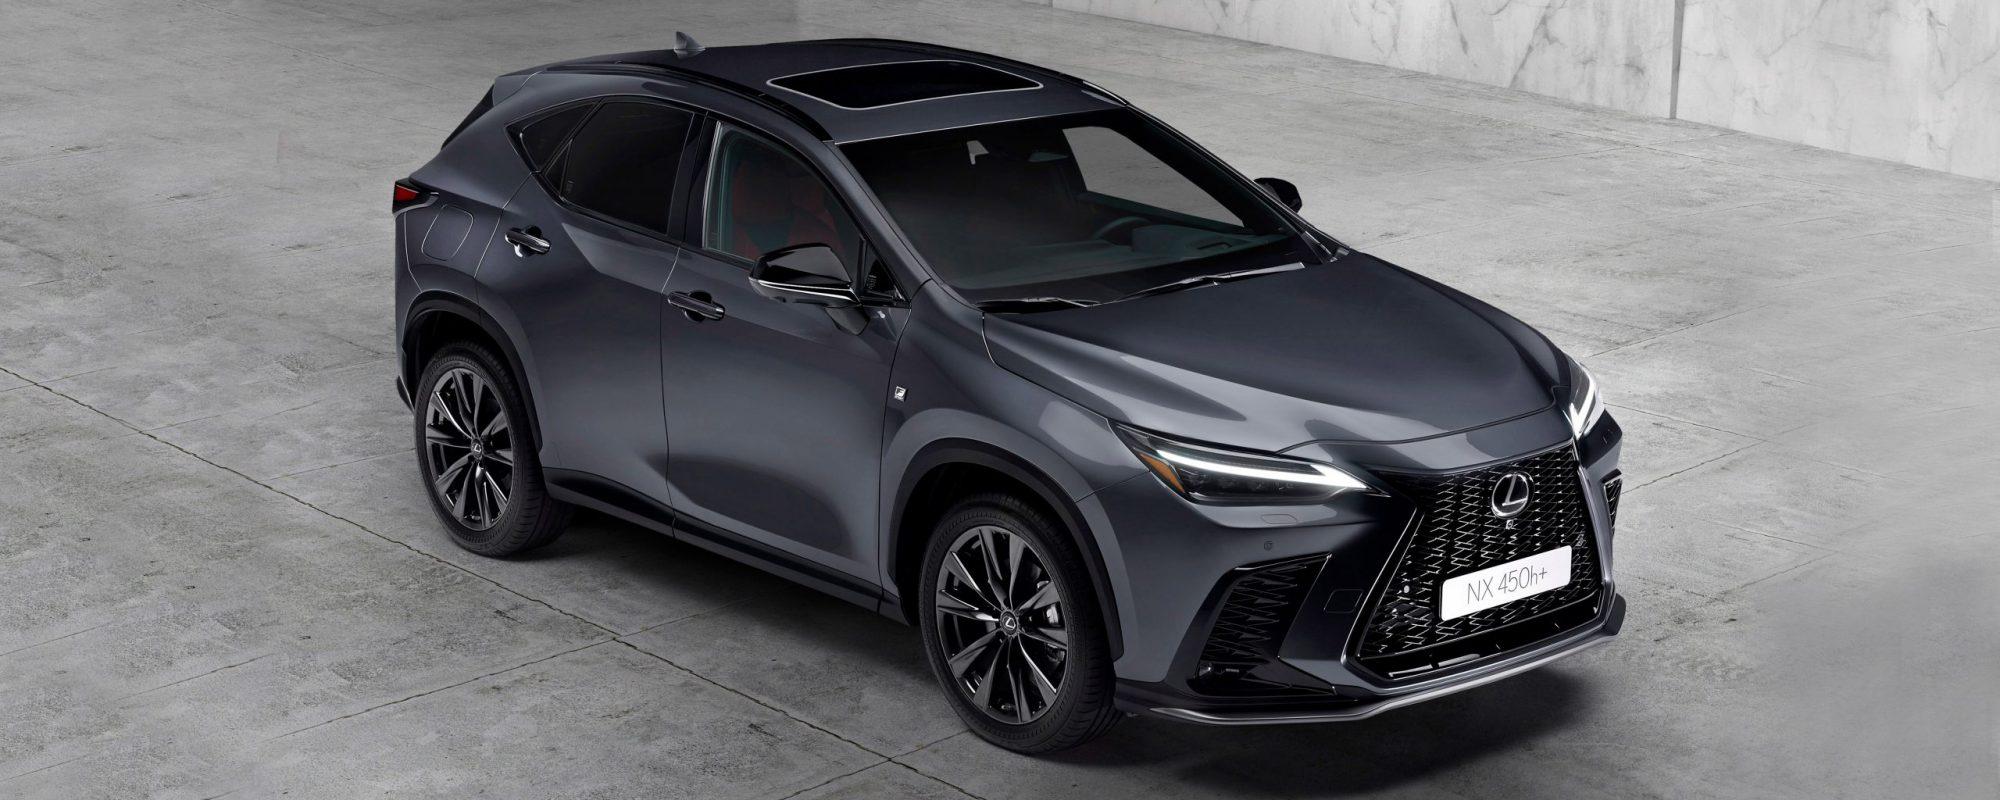 Nieuwe generatie Lexus NX, eerste Lexus als Plug-in Hybrid